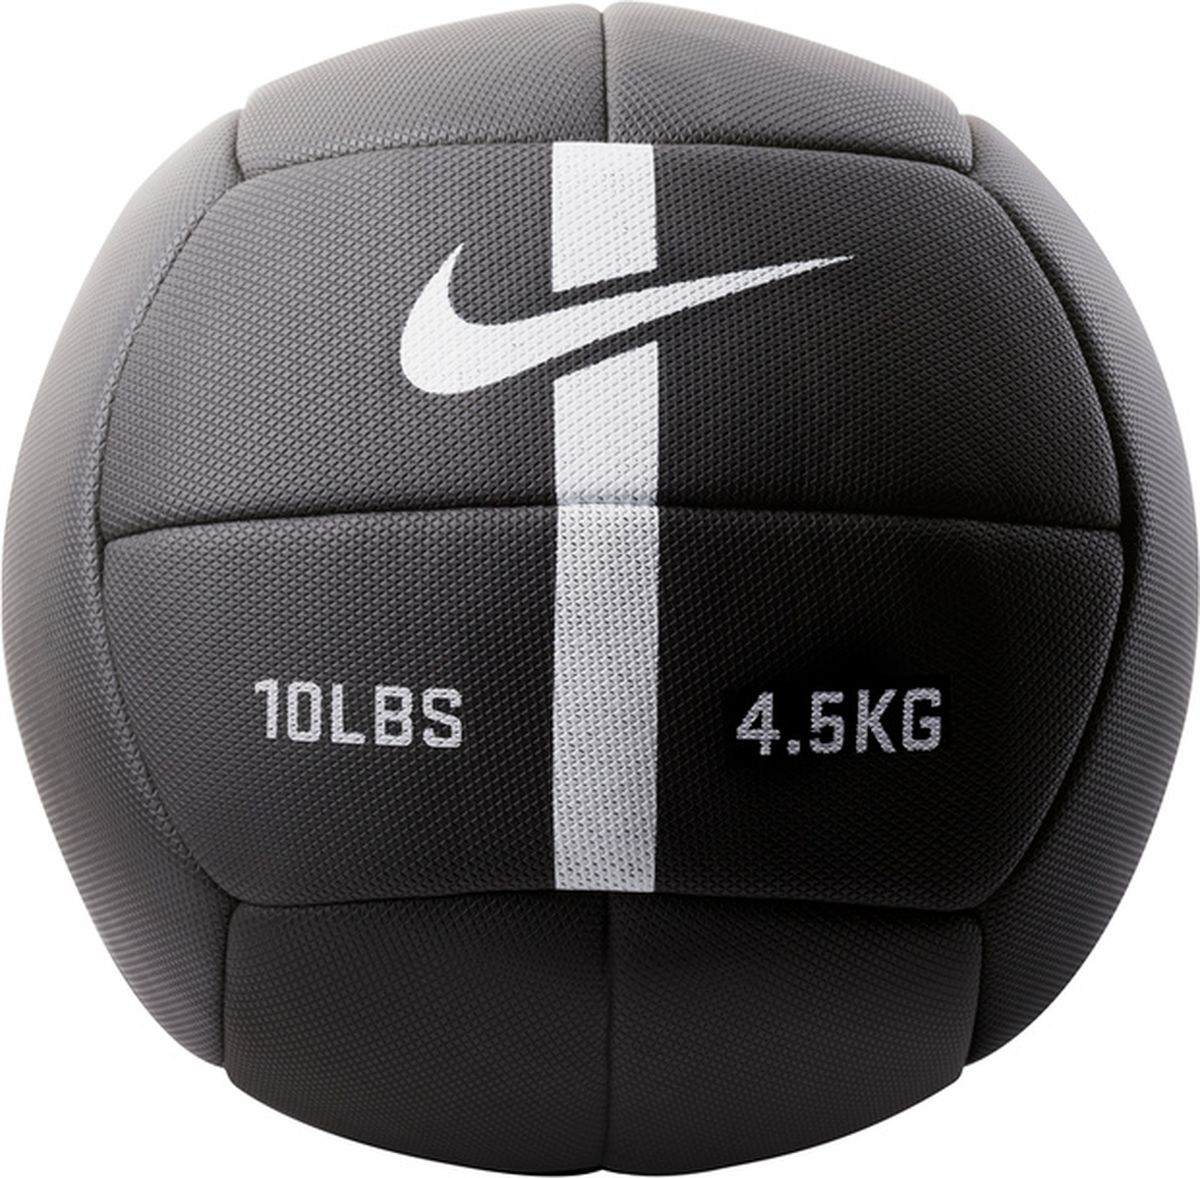 Мяч для фитнеса Nike Strength Training Ball, цвет: черный, белый. N.EW.06.010.NS мяч баскетбольный nike skills цвет пурпурный черный белый размер 3